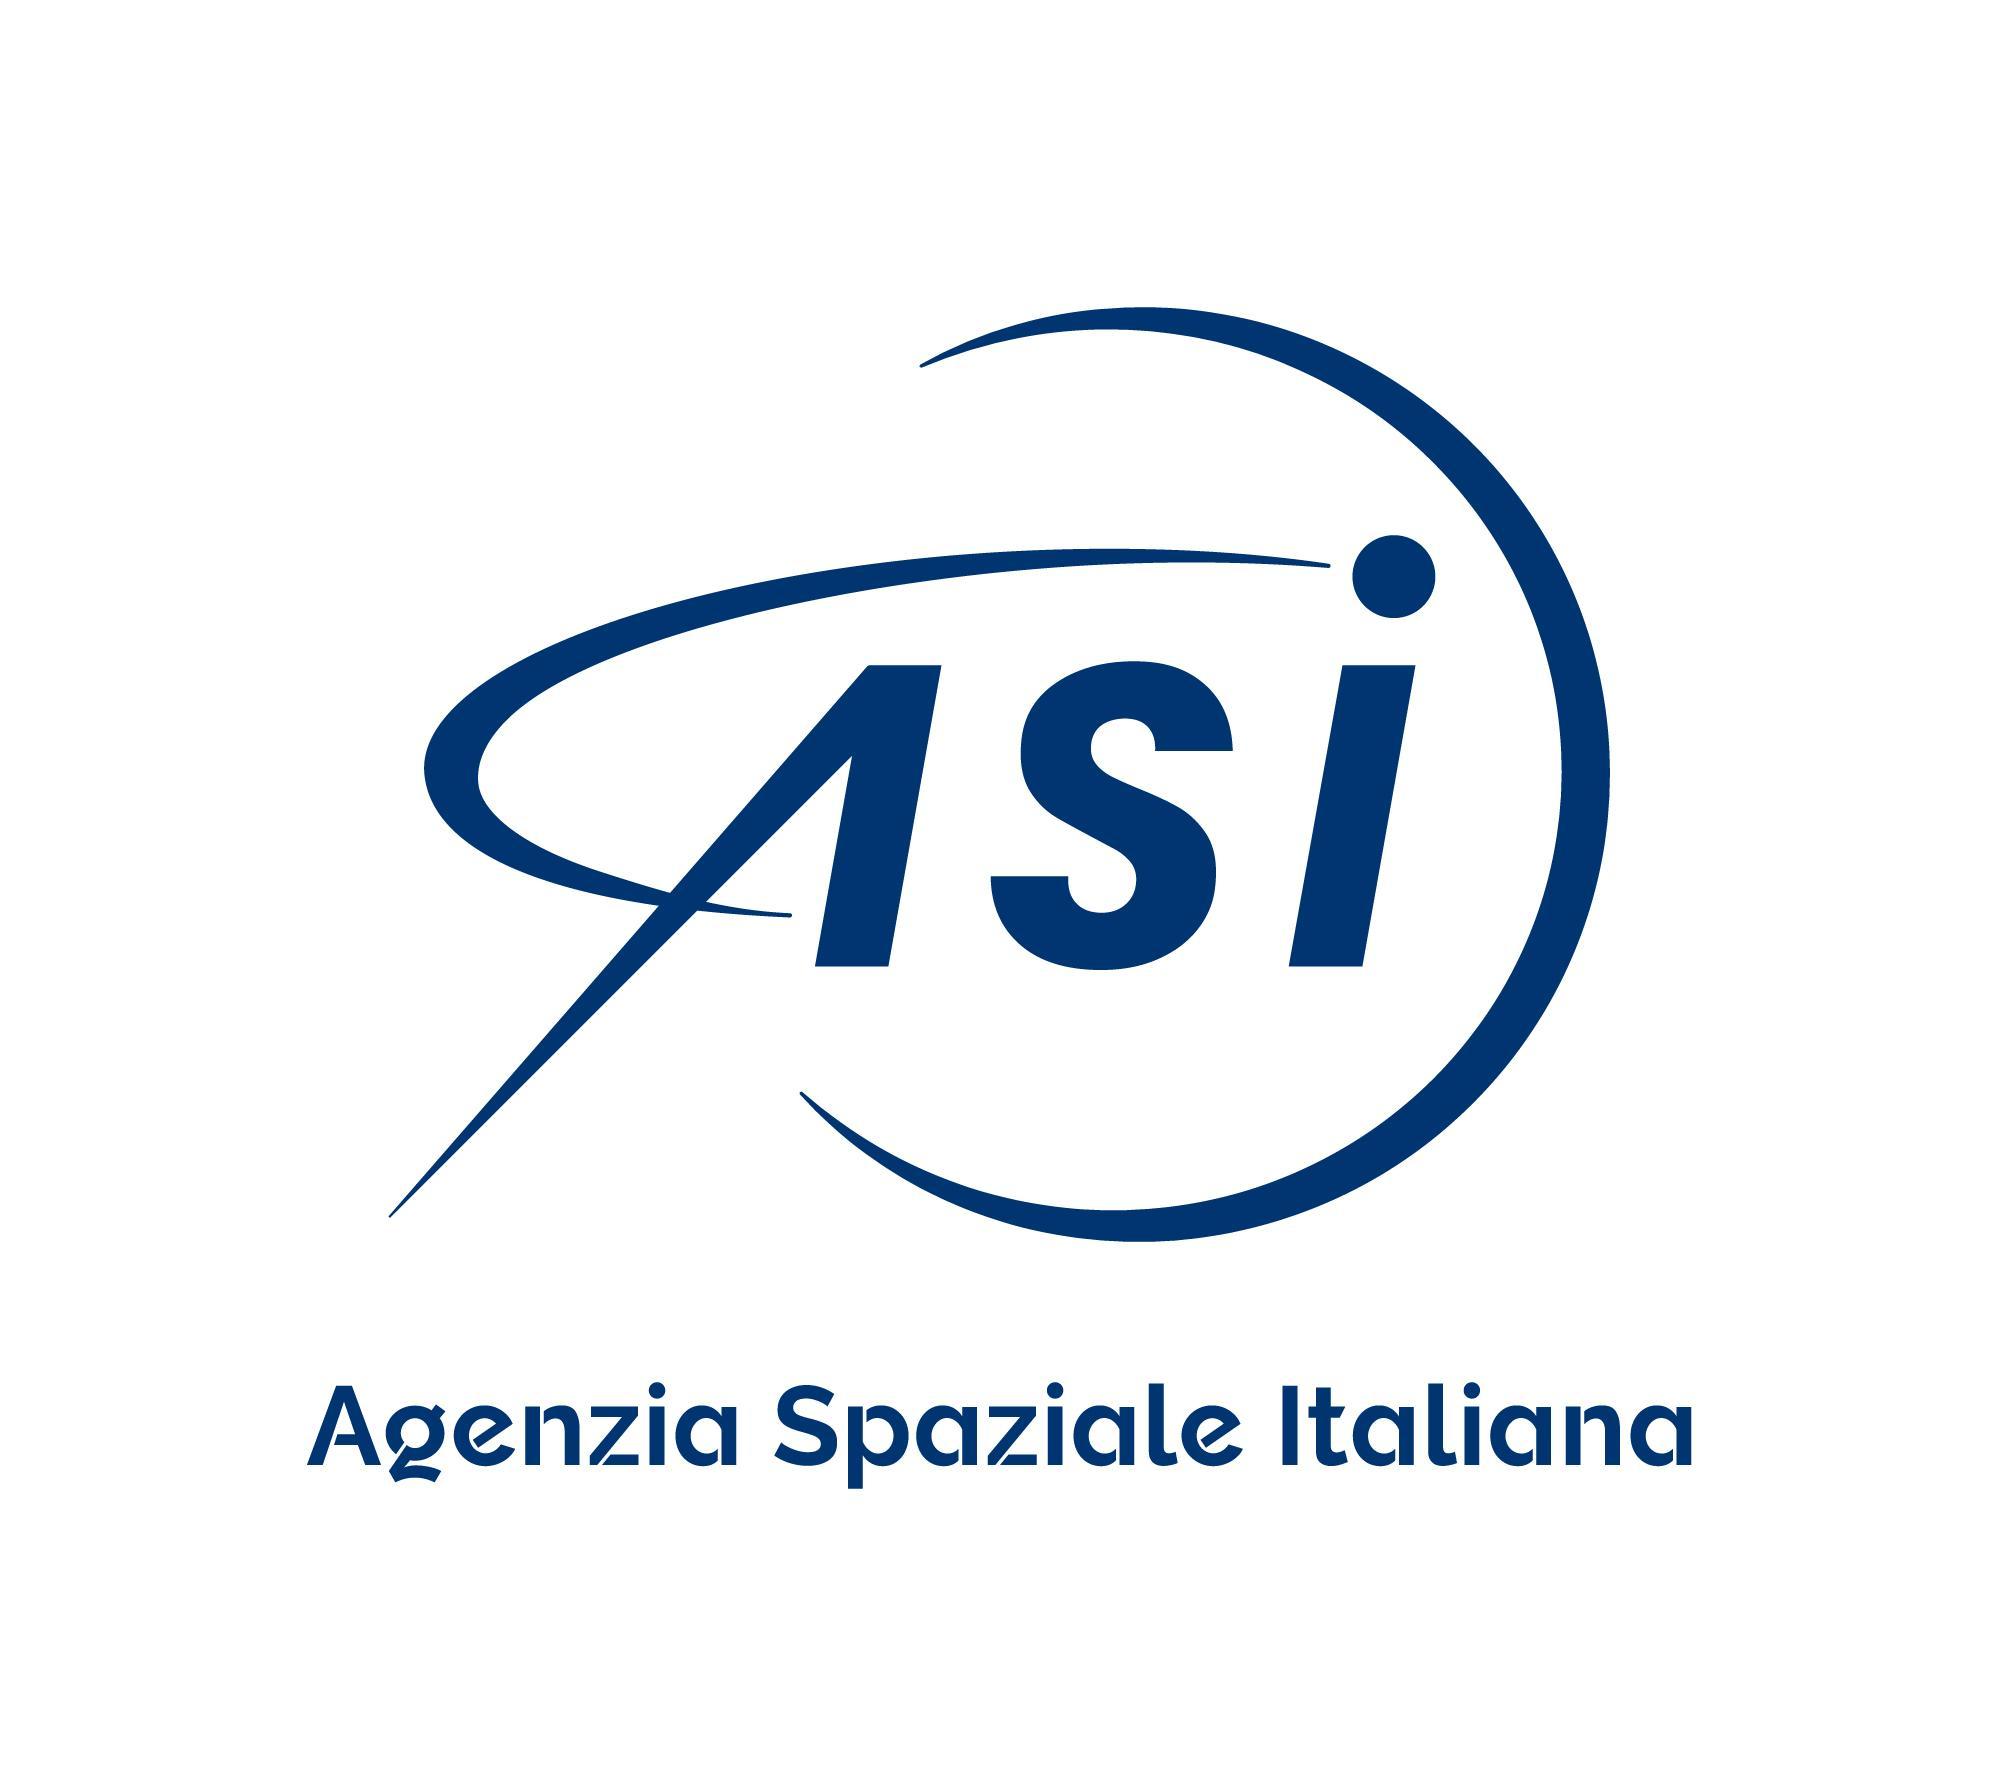 Una sicurezza spaziale - un nuovo modo di comunicare la sicurezza, l'esperienza dell'Agenzia Spaziale Italiana.